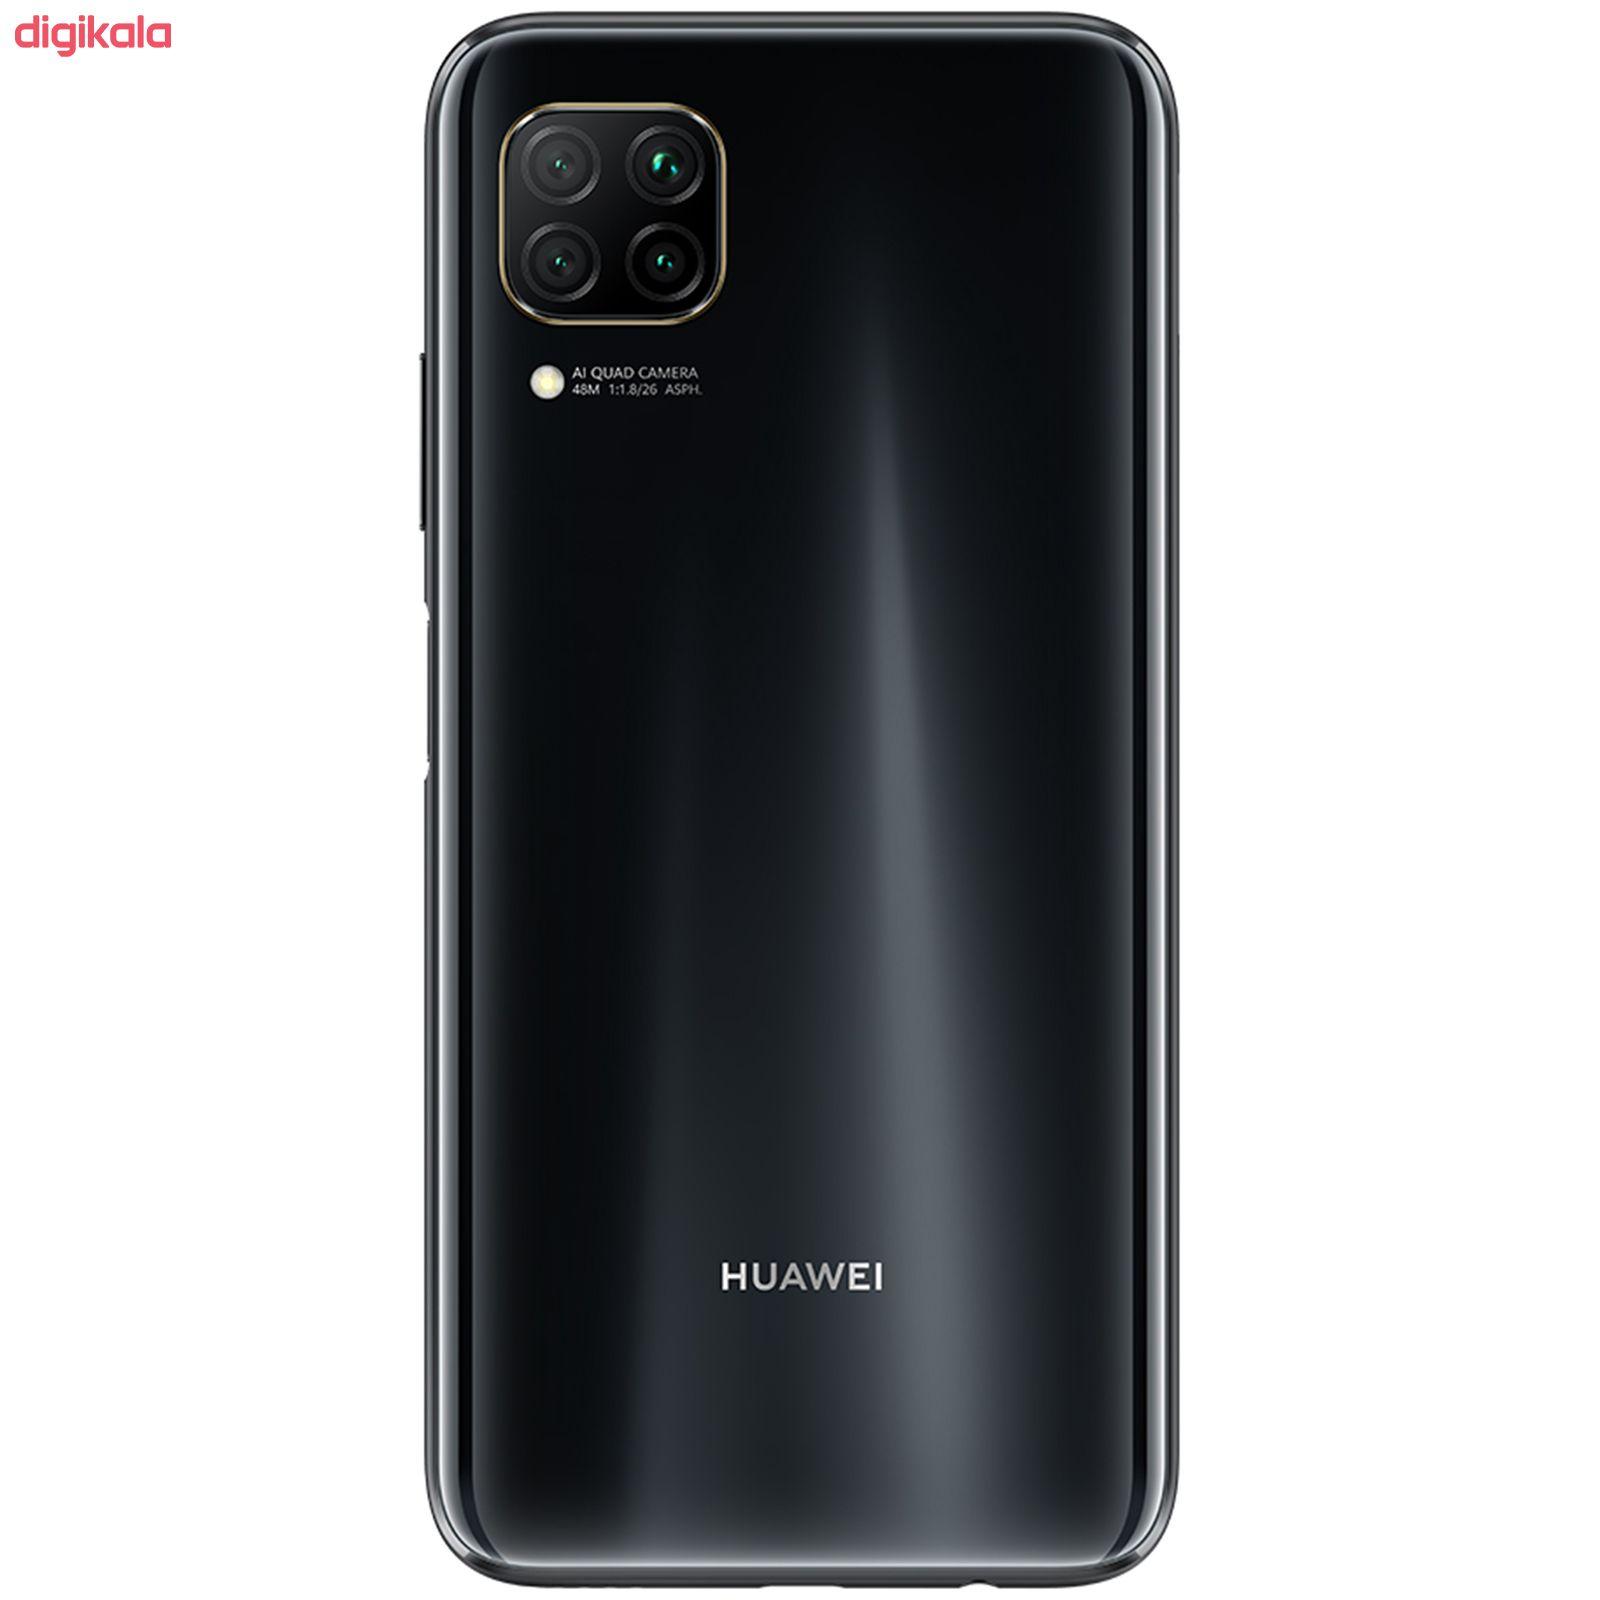 گوشی موبایل هوآوی مدل Nova 7i JNY-LX1 دو سیم کارت ظرفیت 128 گیگابایت به همراه شارژر همراه هدیه main 1 5